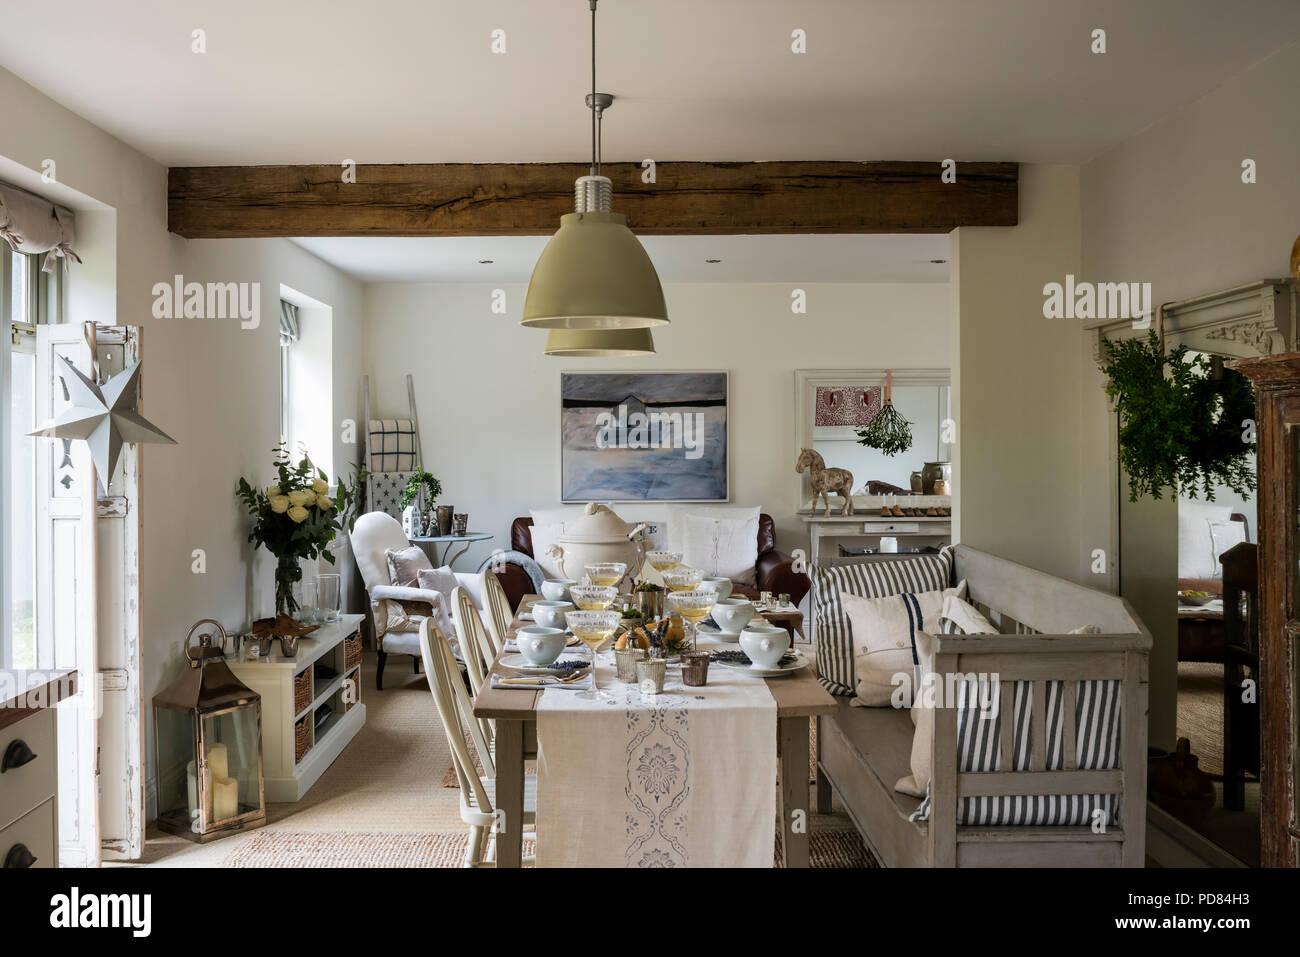 Tavoli Da Parete Cucina : Tavolo da pranzo in baita rustica cucina con soffitto con travi a